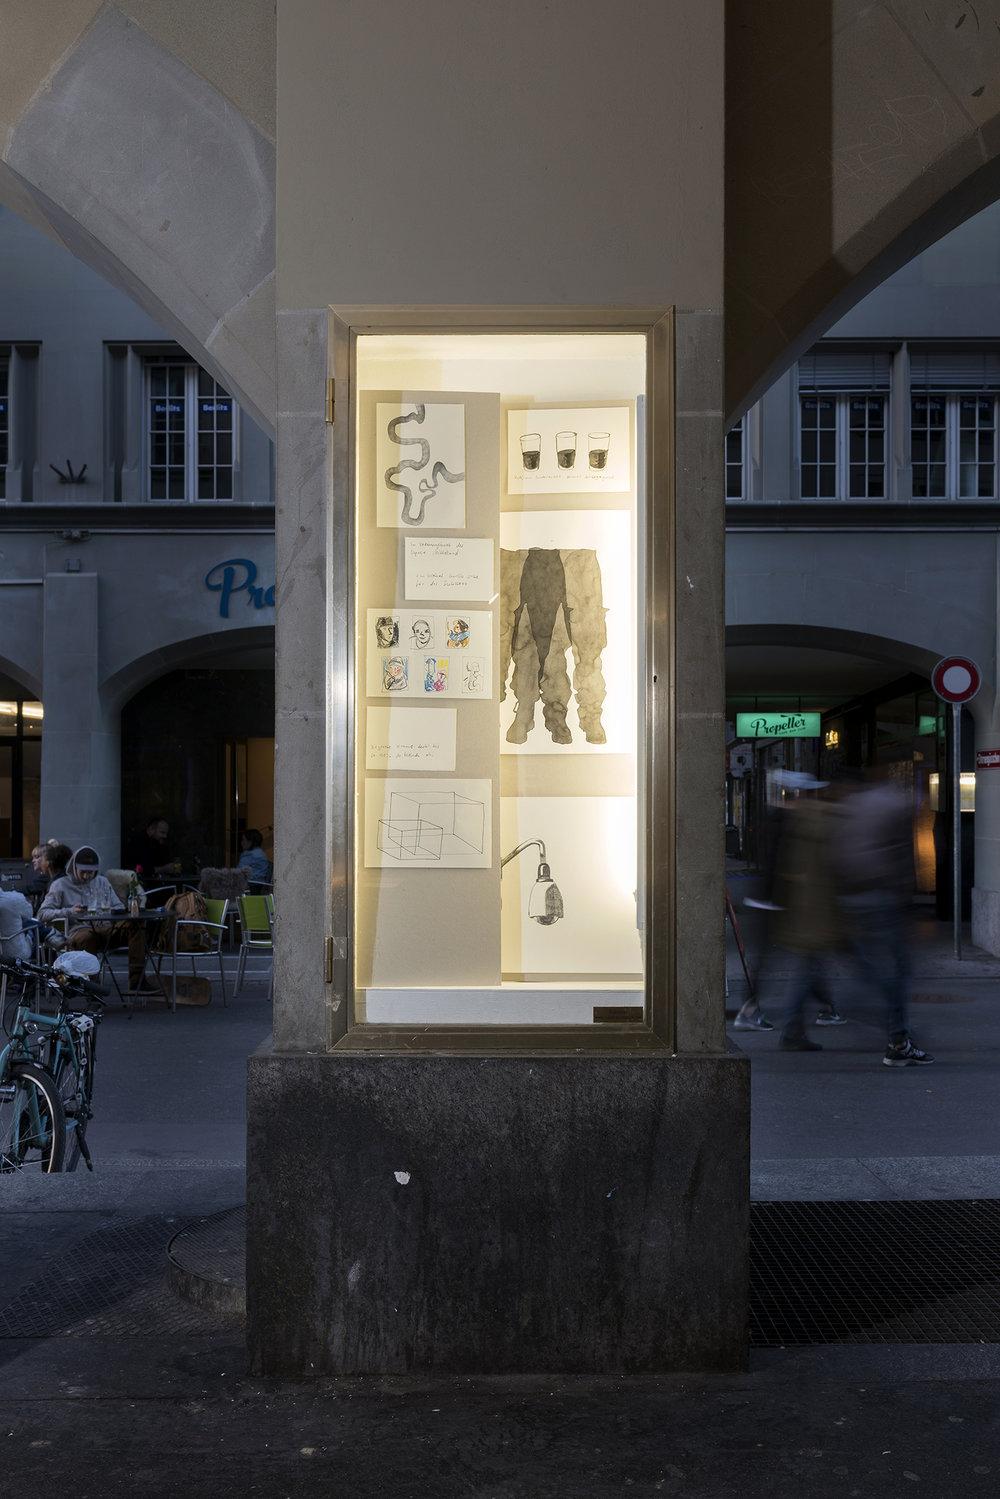 Lukas Kreuzer Samuel Rauber Substrat Projektraum Bern